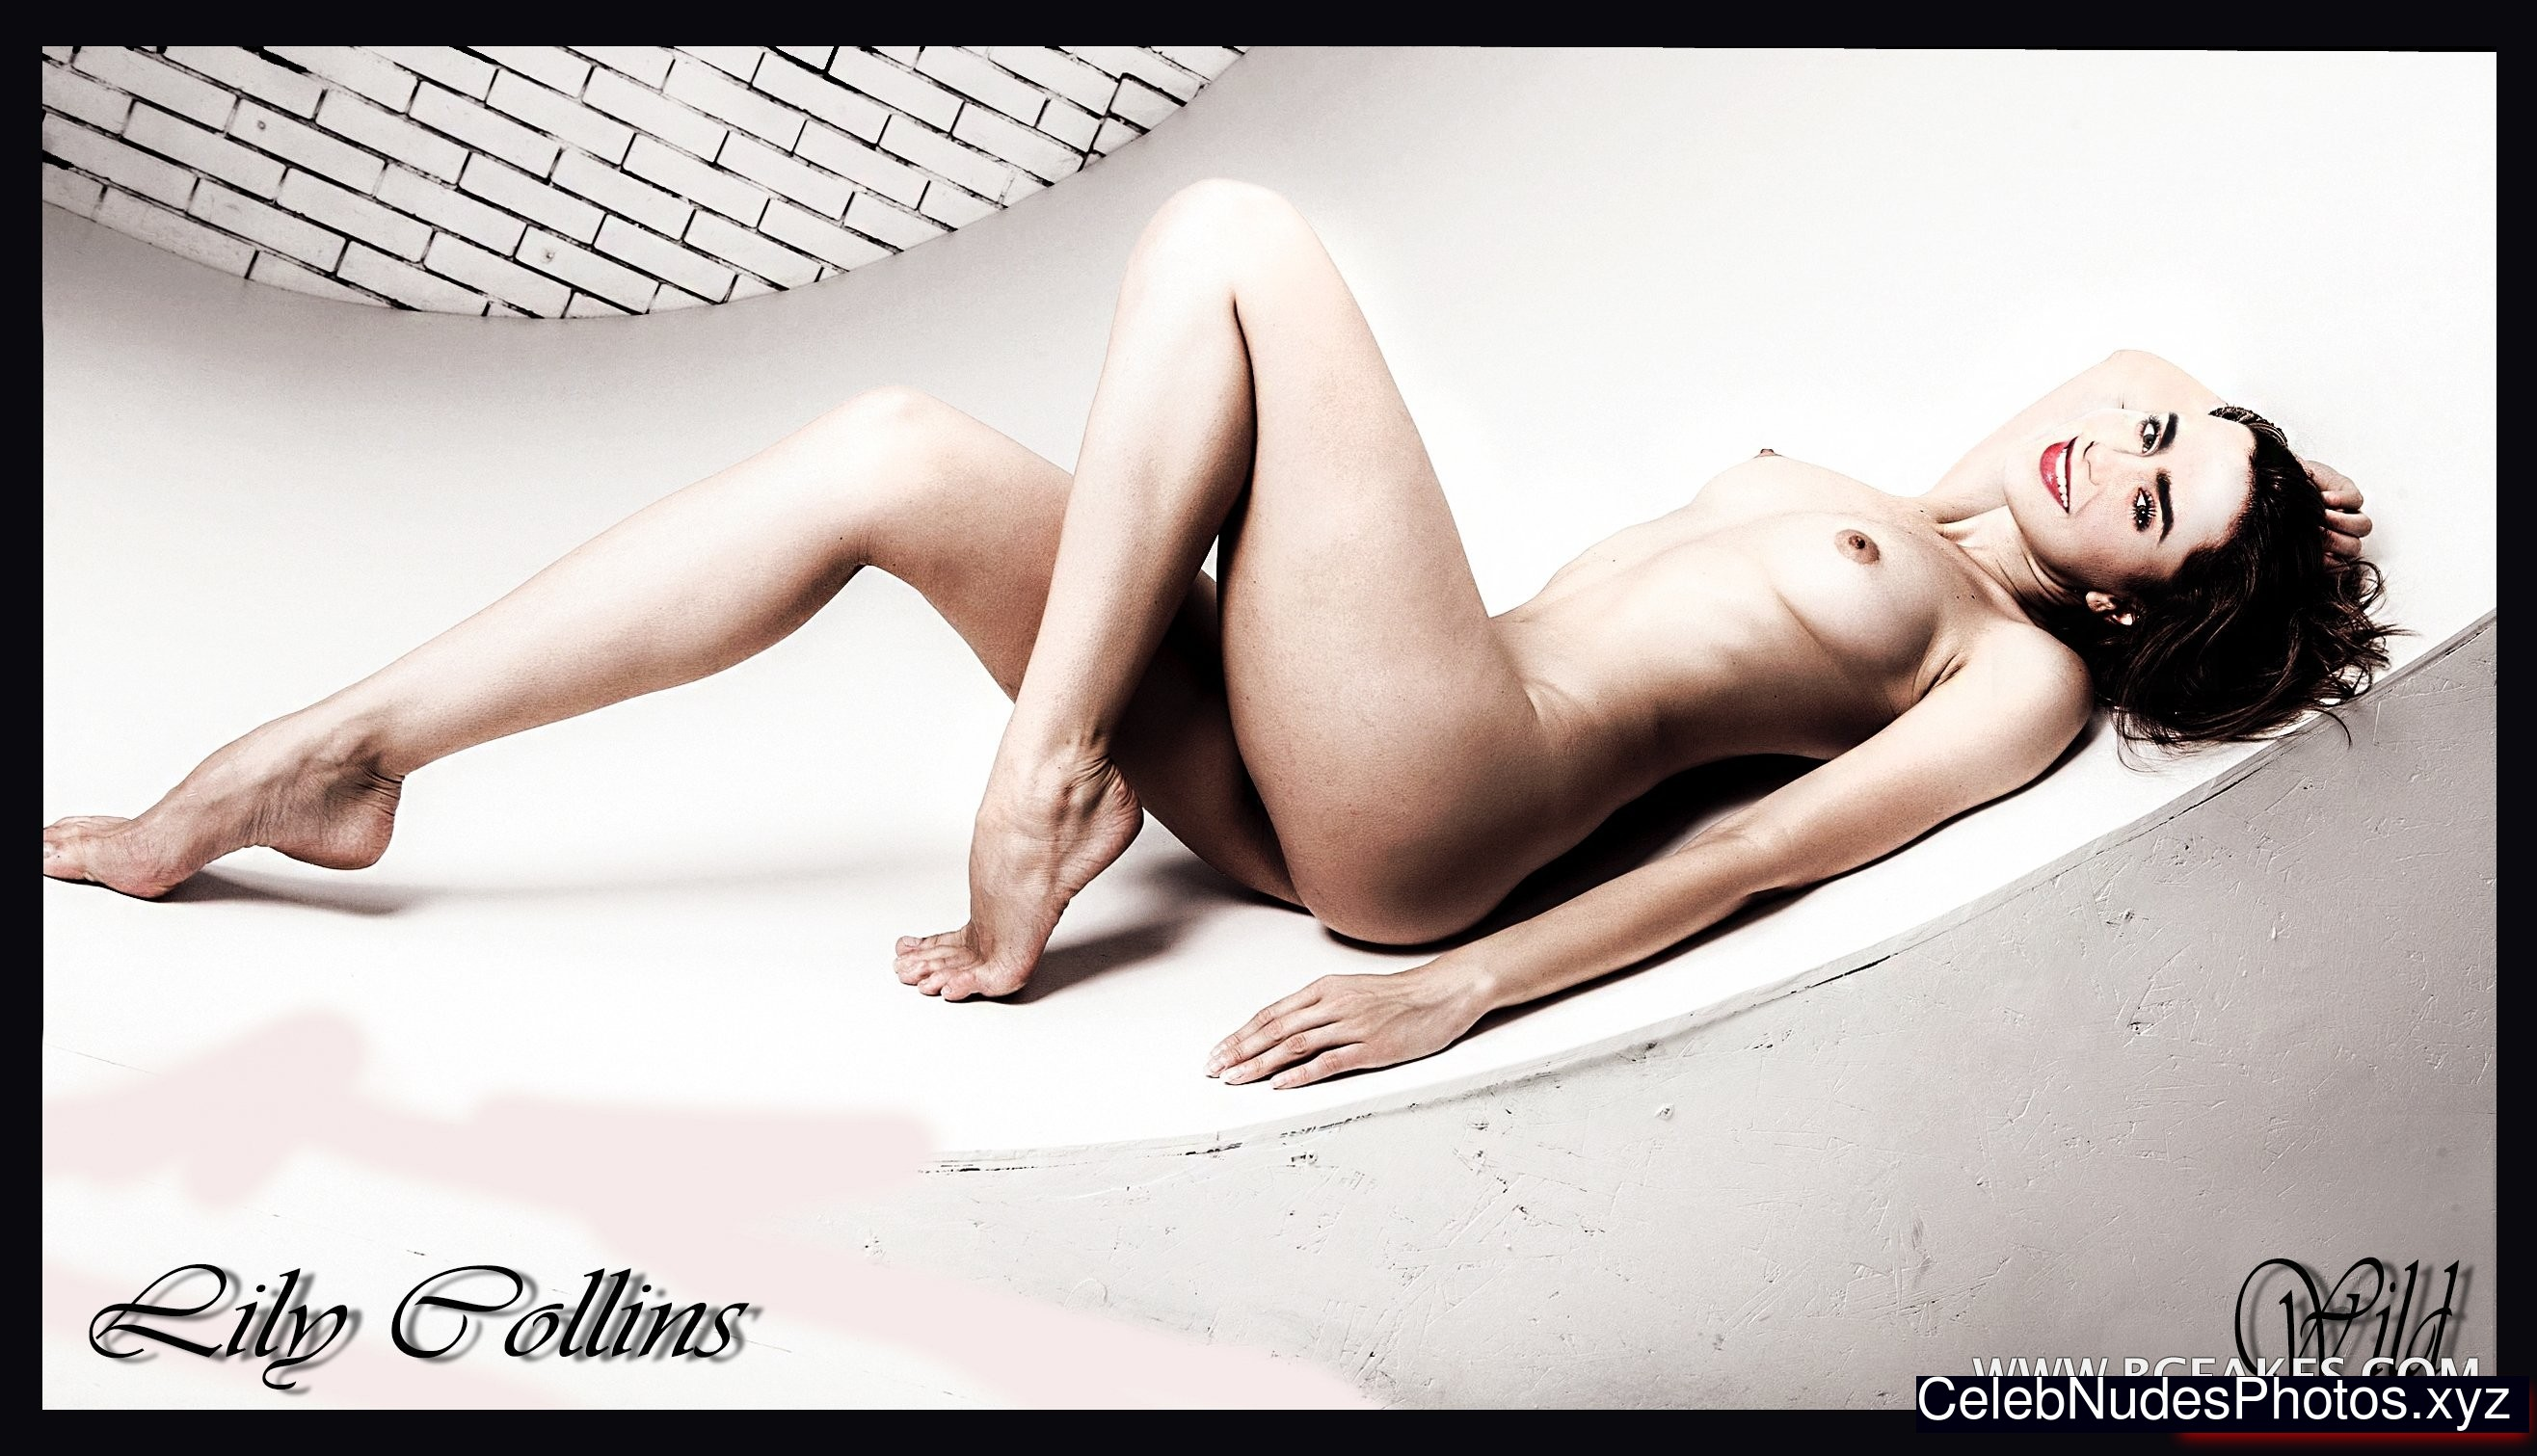 from Julien photo de lily collins nue